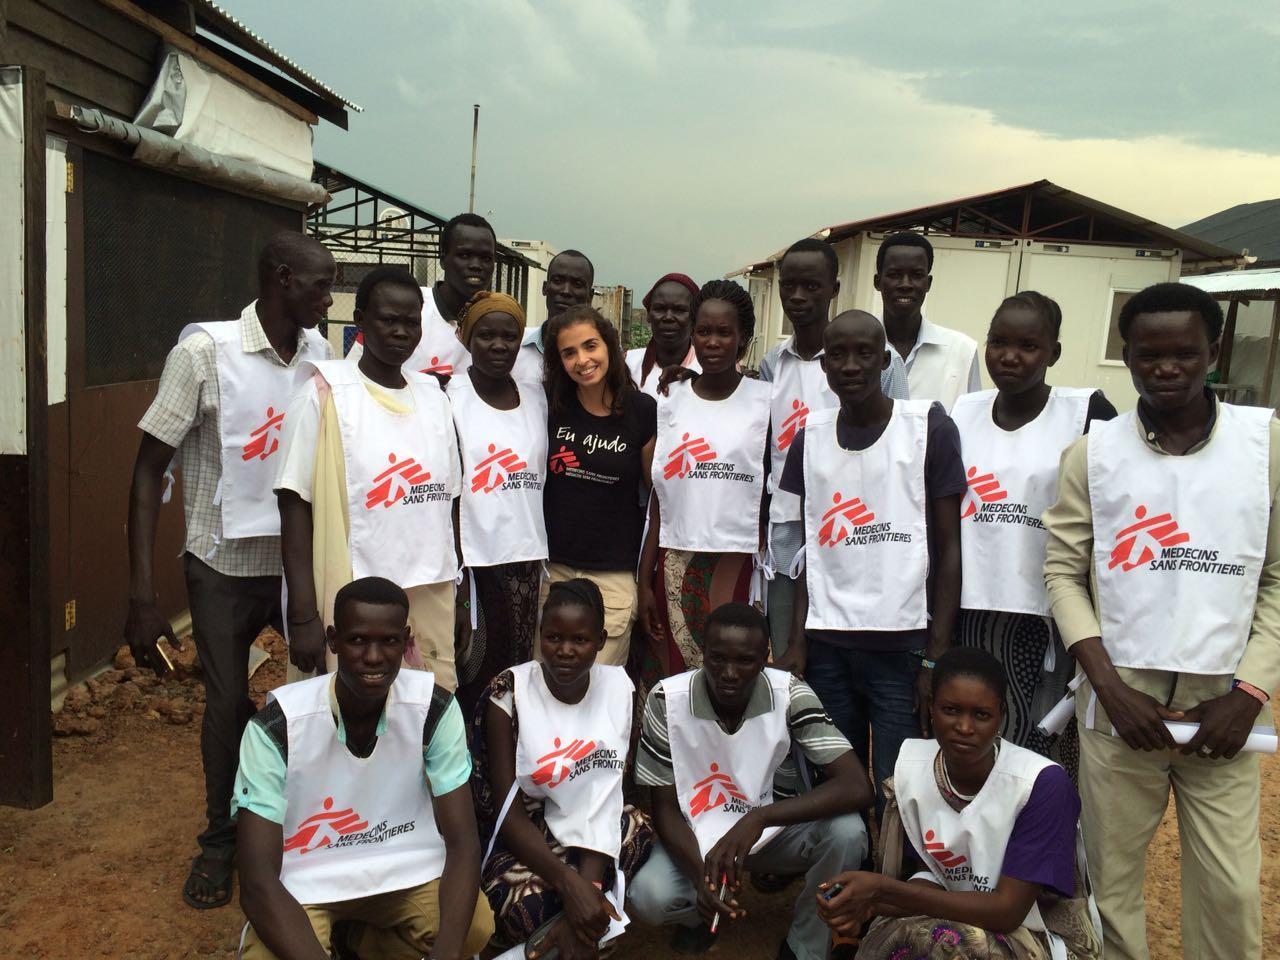 Lia com equipe nacional de MSF no Sudão do Sul (Foto: arquivo pessoal)